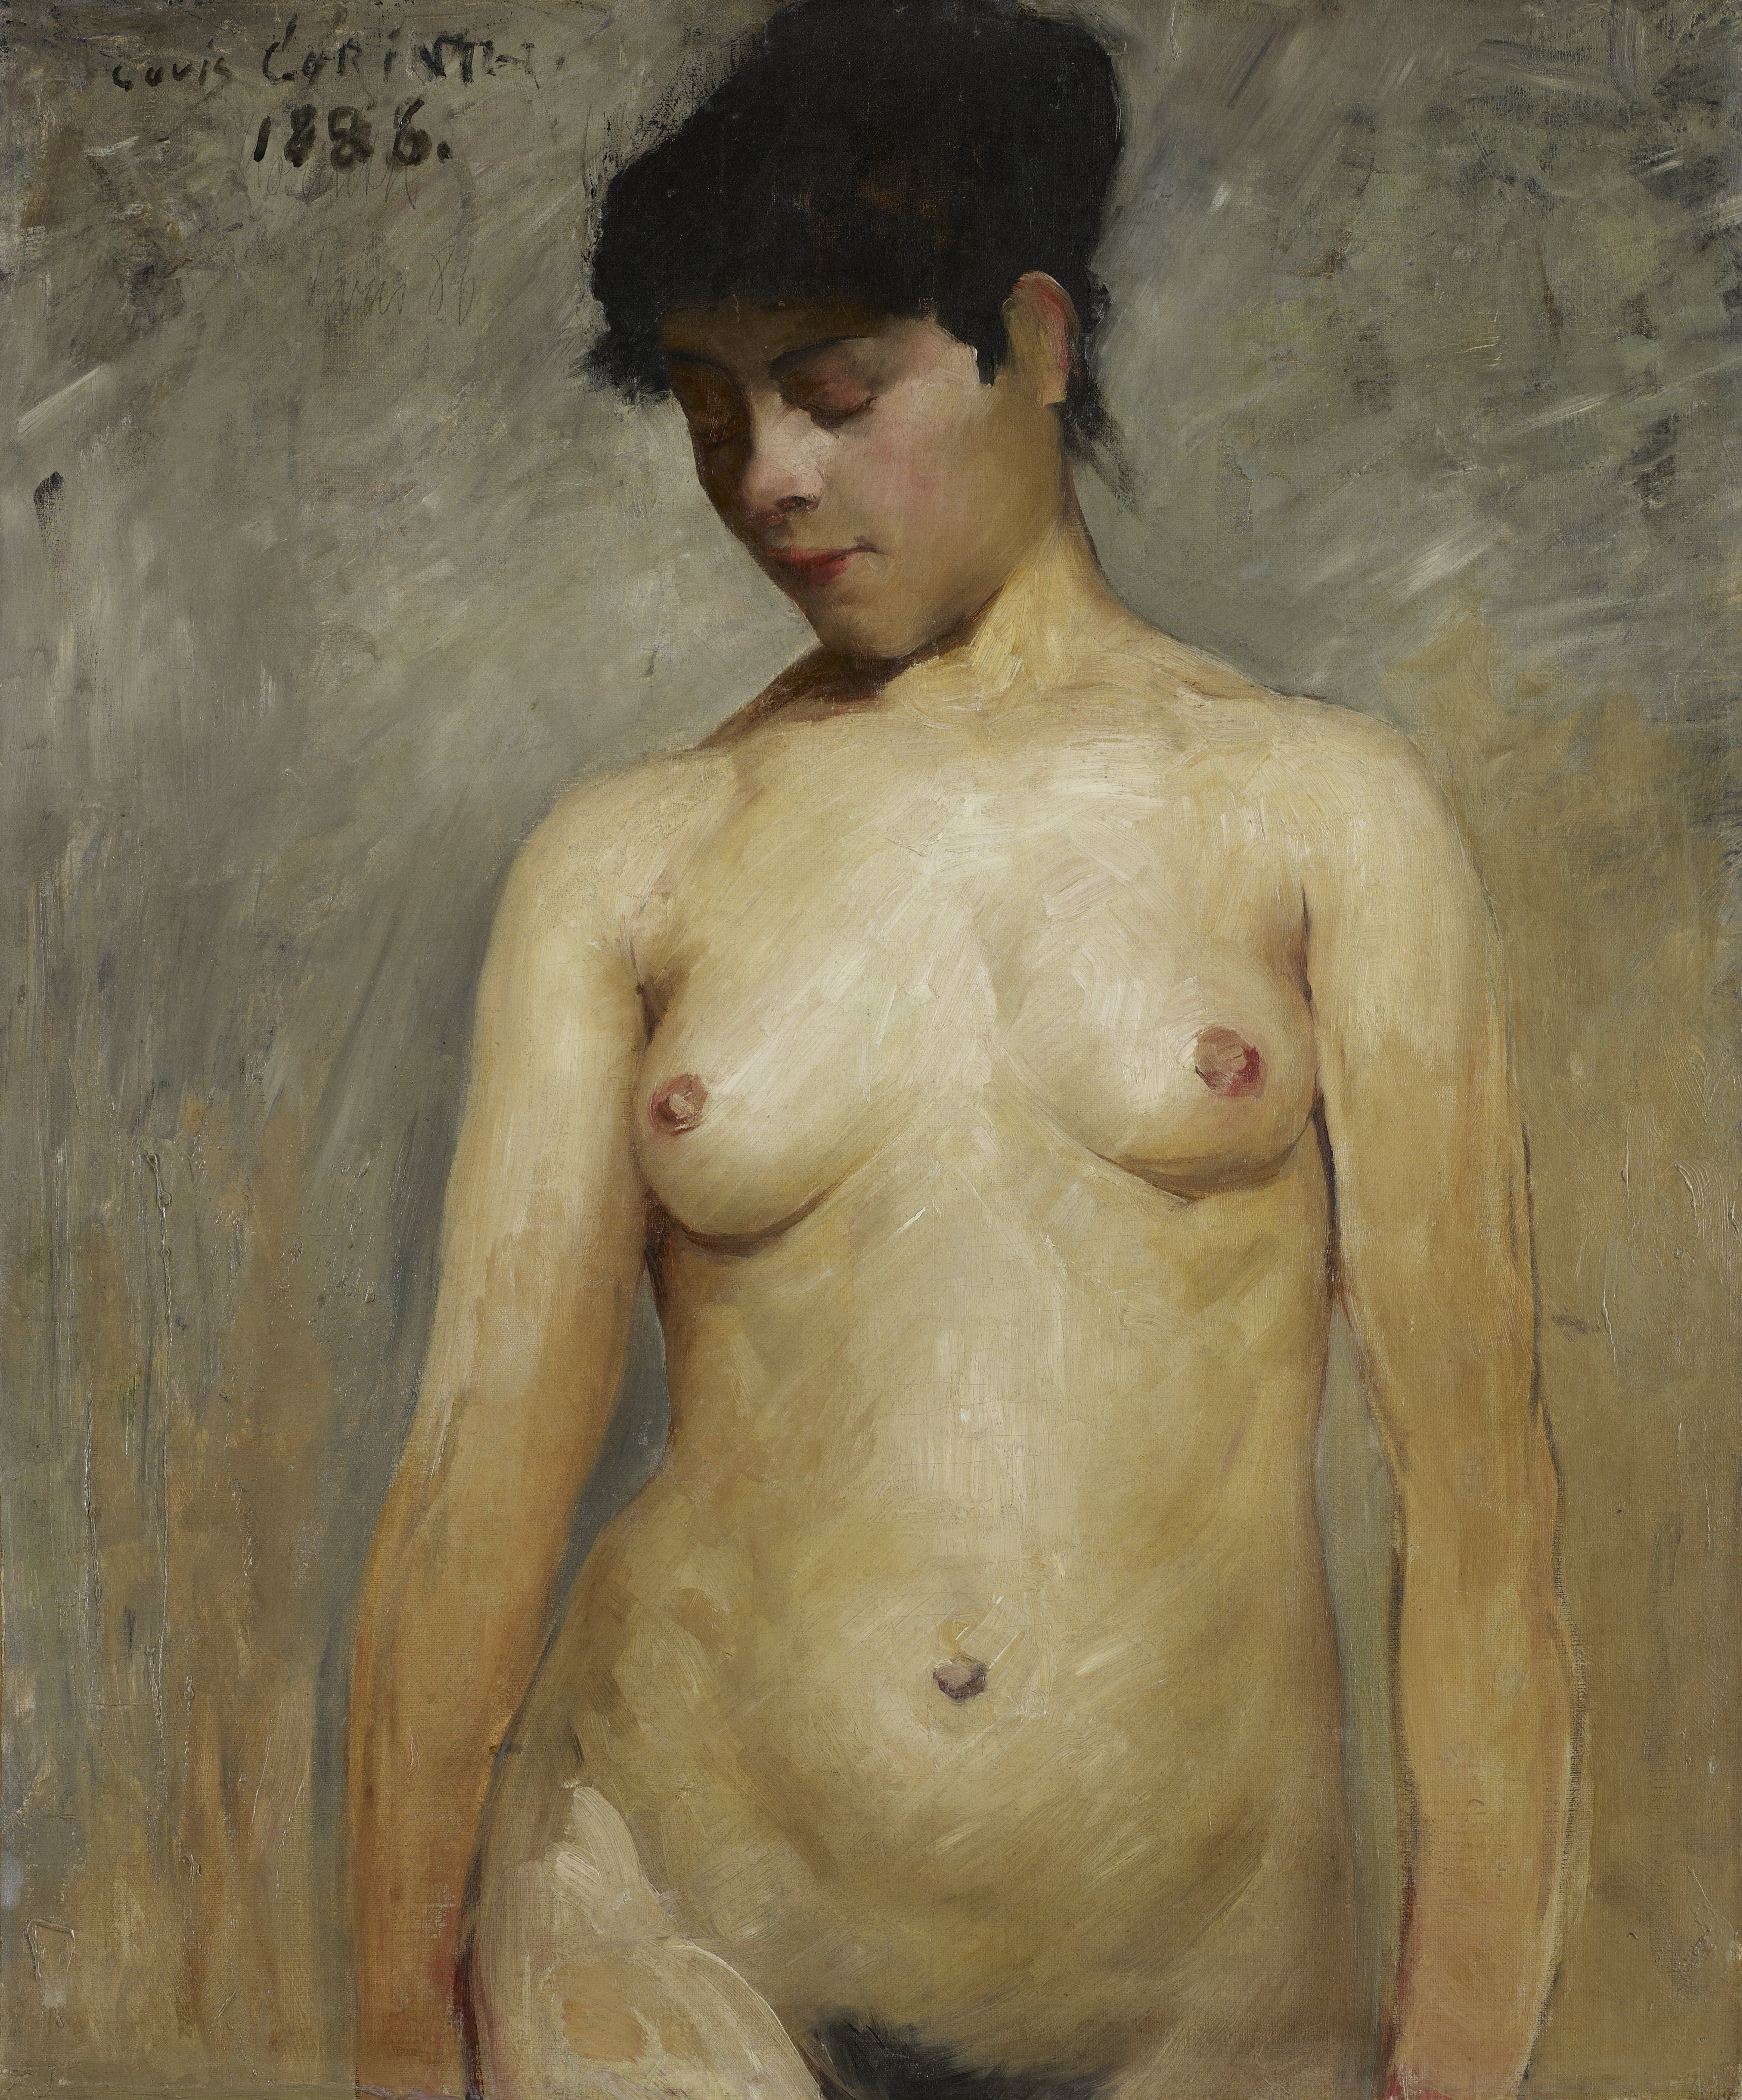 in Girl Lorica nude